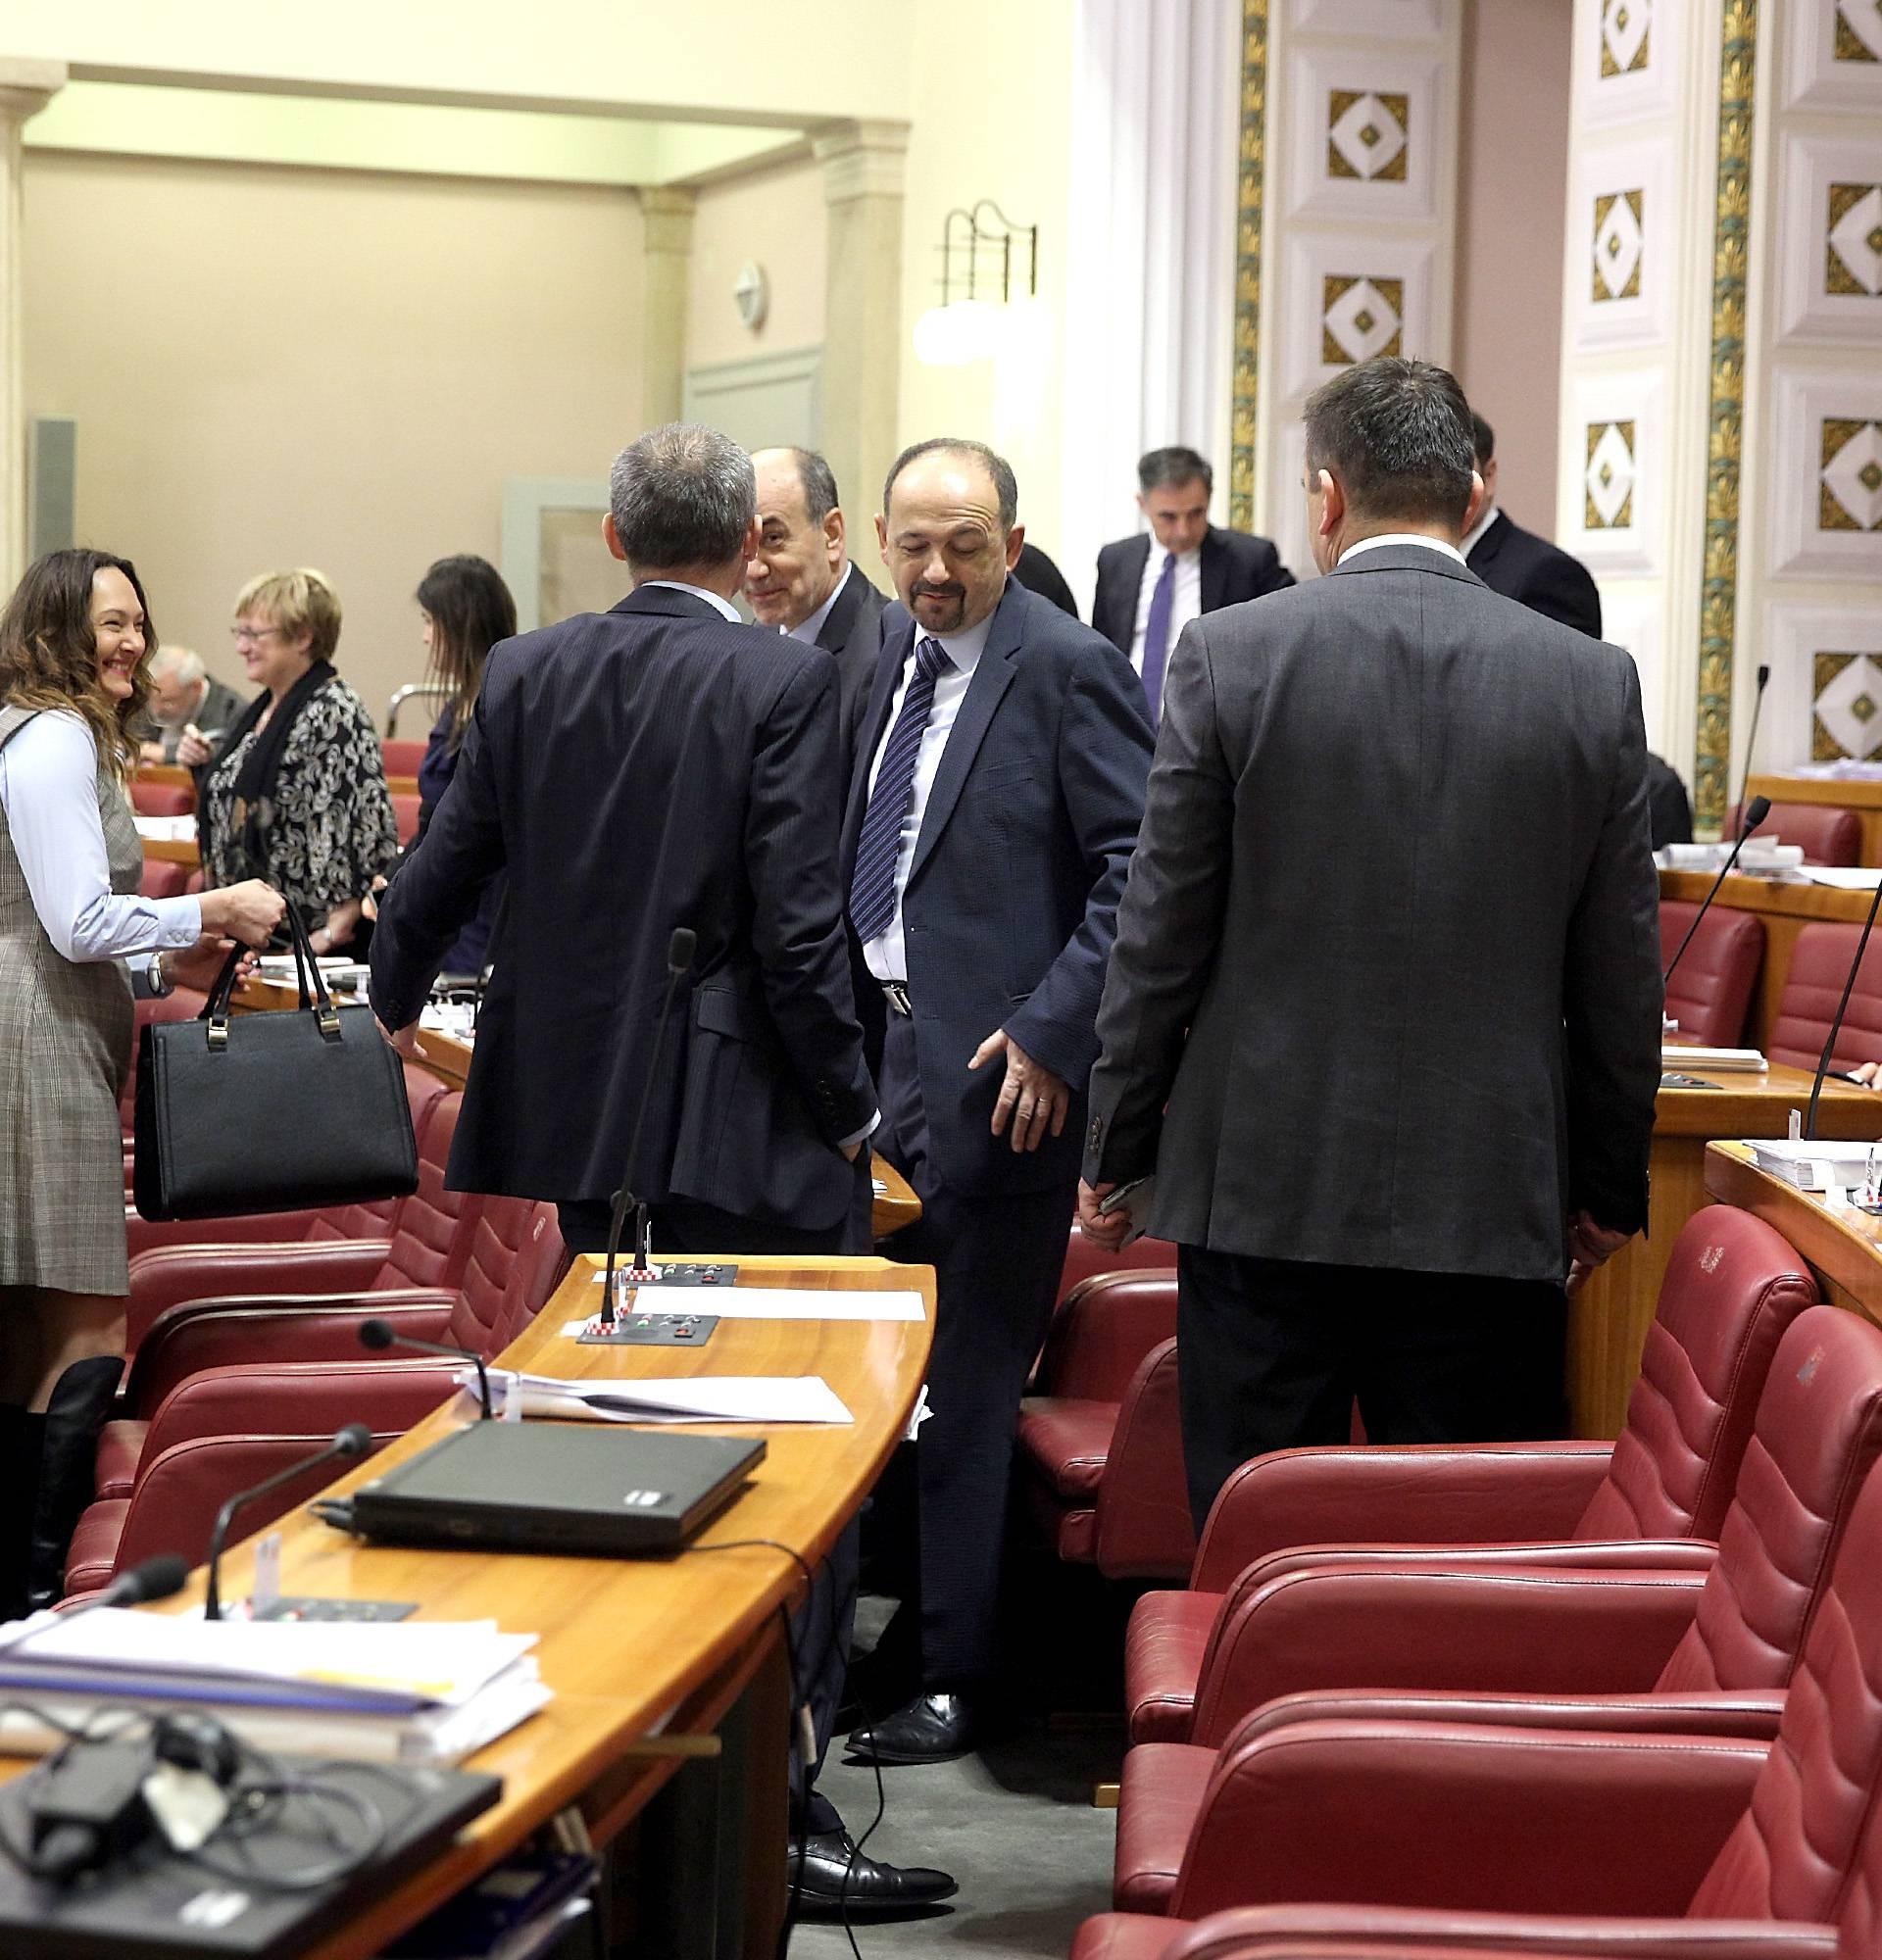 Traže ostavku Hasanbegovića: 'Na rubu smo da se potučemo'